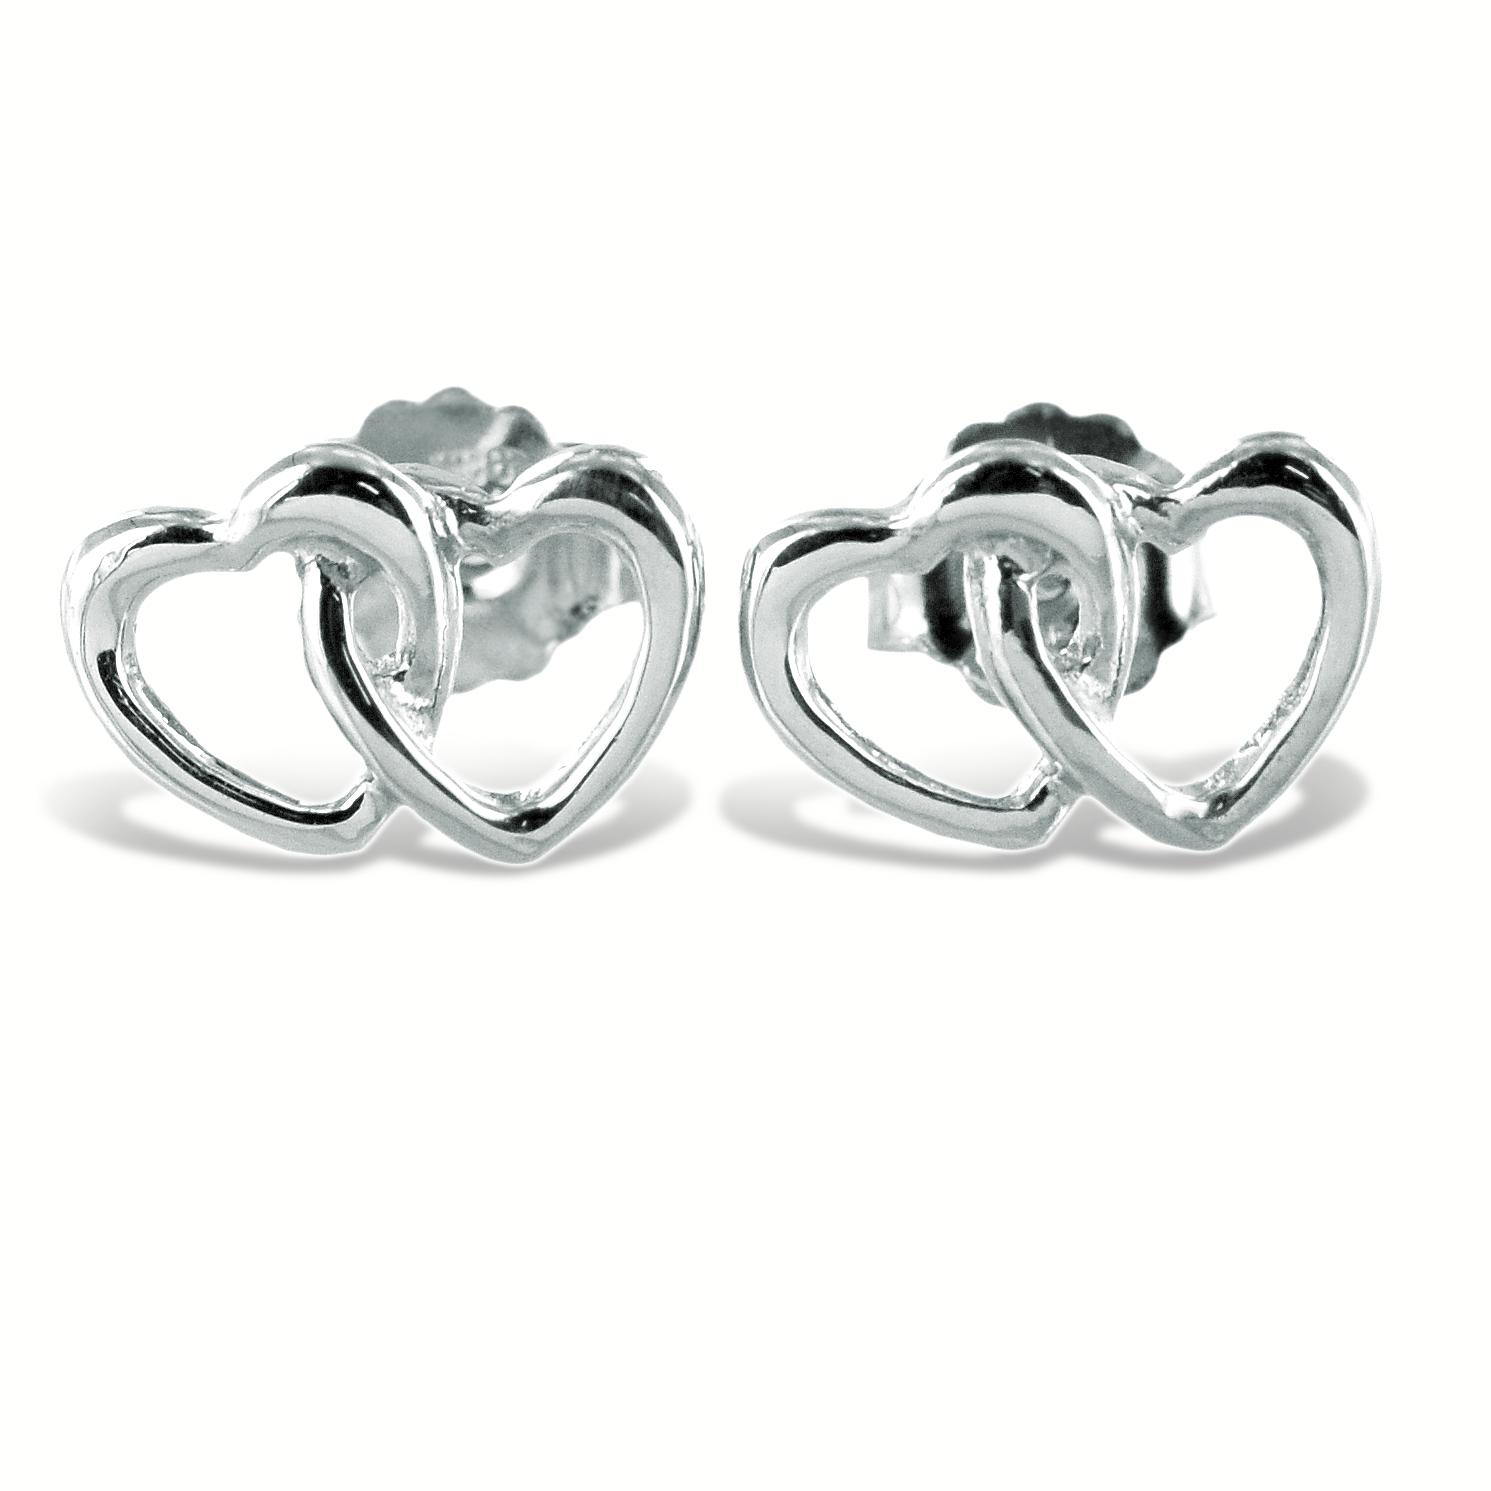 Orecchini doppio cuore intrecciato in argento